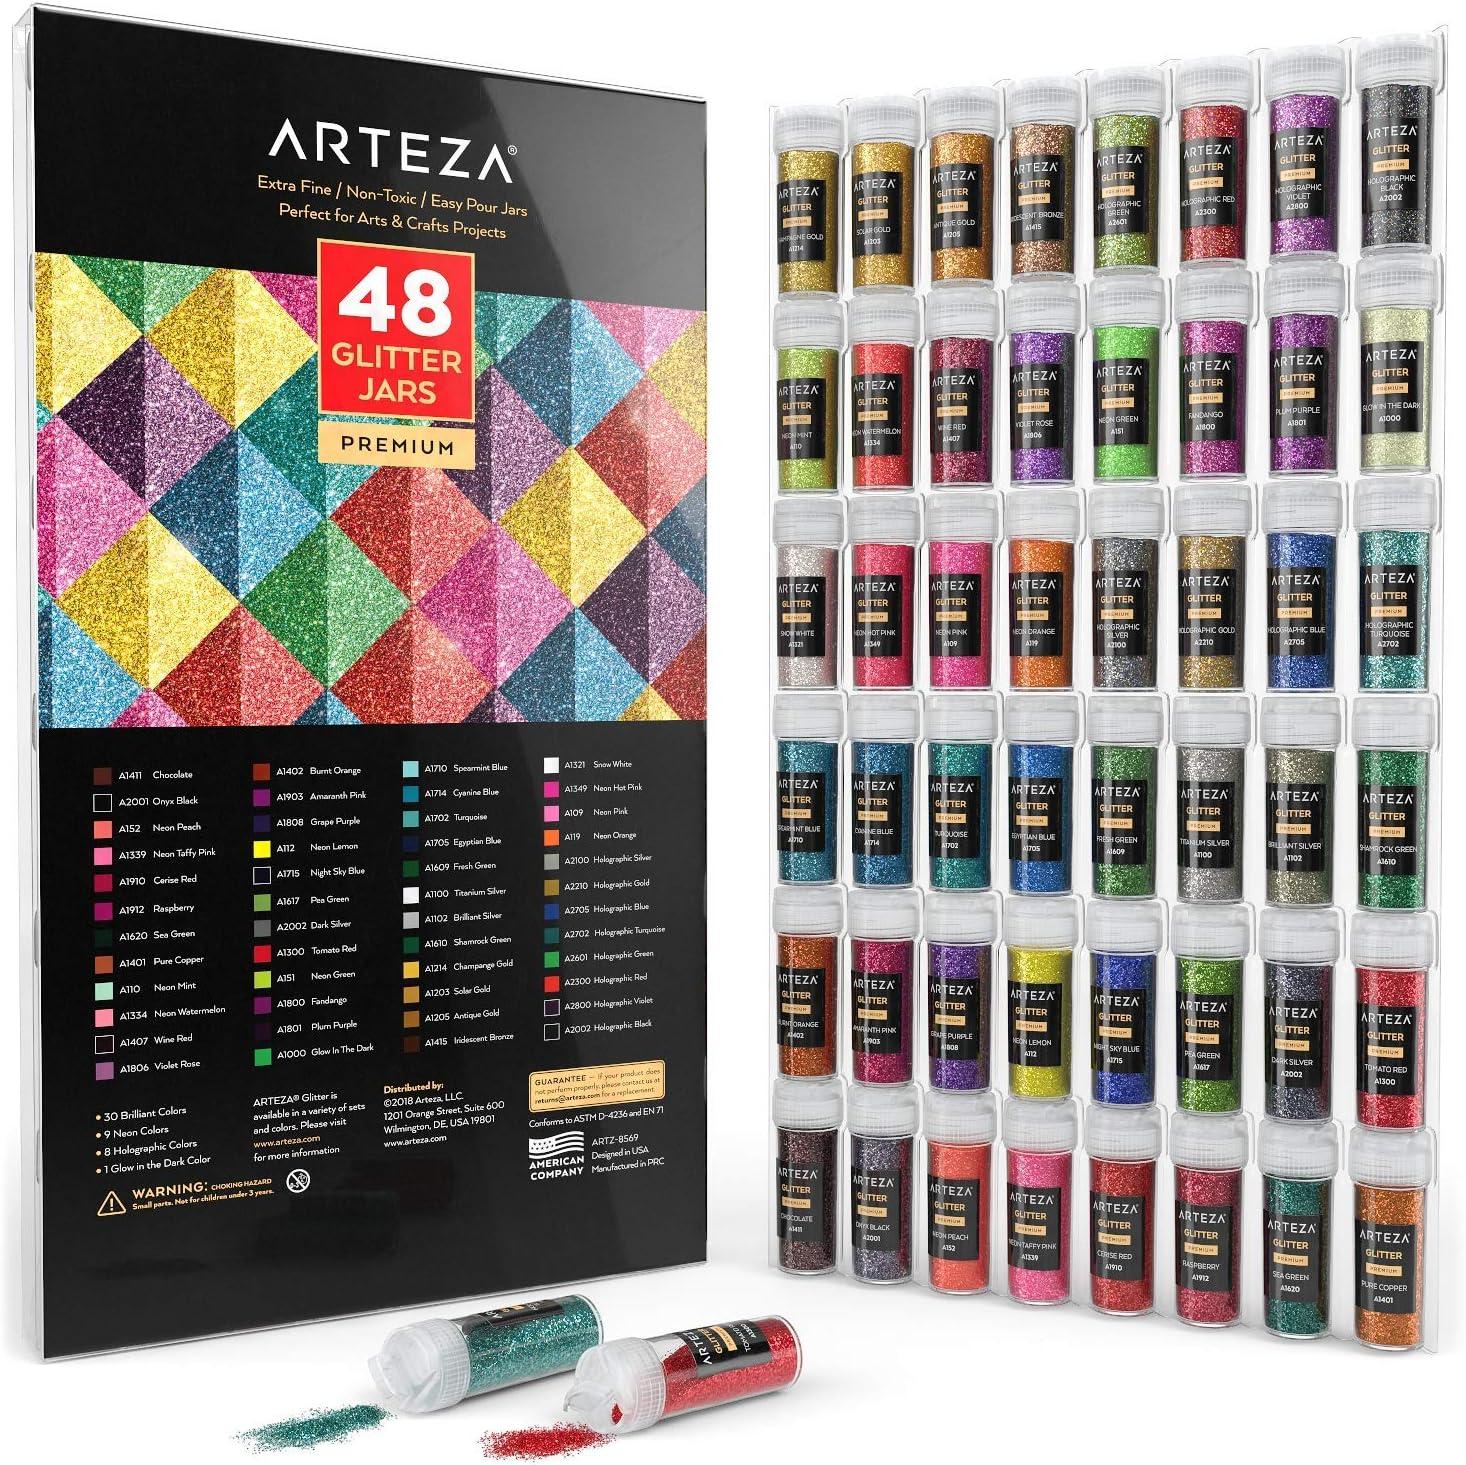 ARTEZA Glitter fino set 48 colores brilla en luz UV (9.6 g)